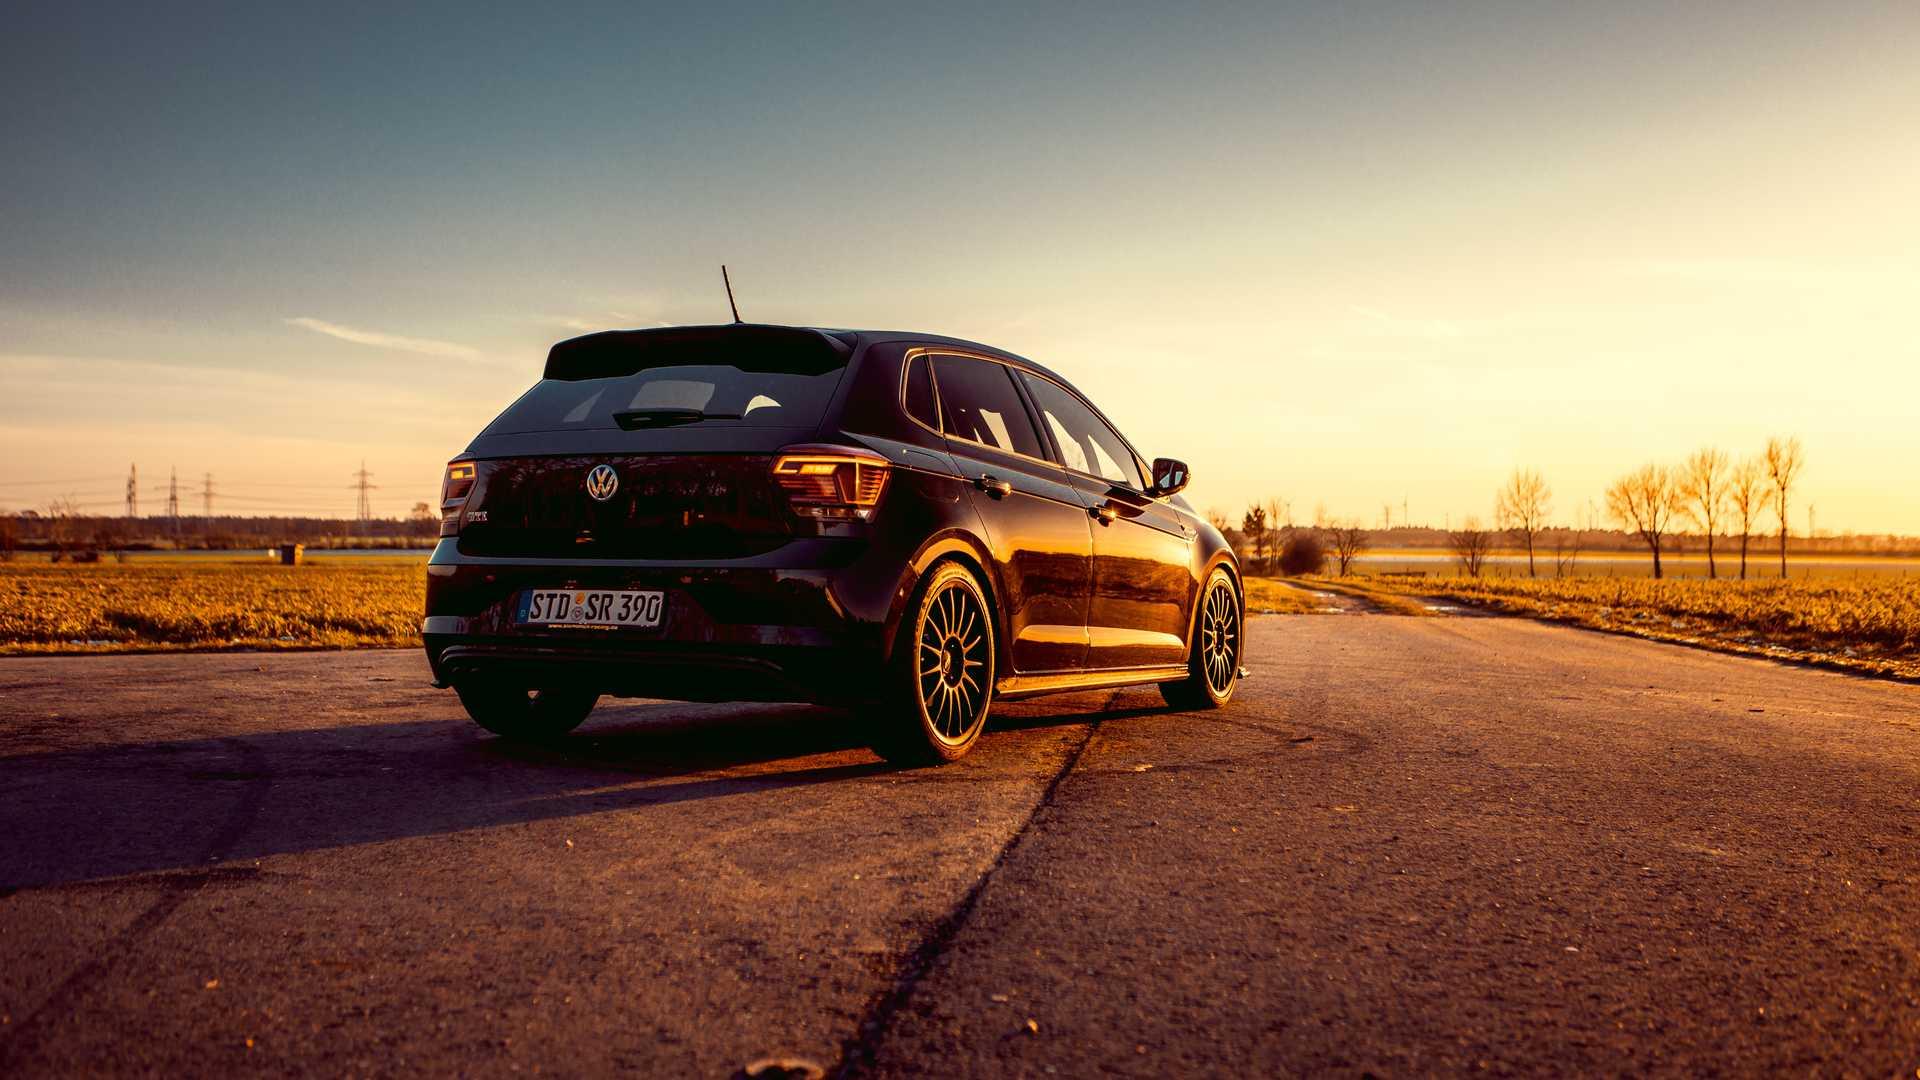 Volkswagen-Polo-GTI-by-Siemoneit-Racing-3